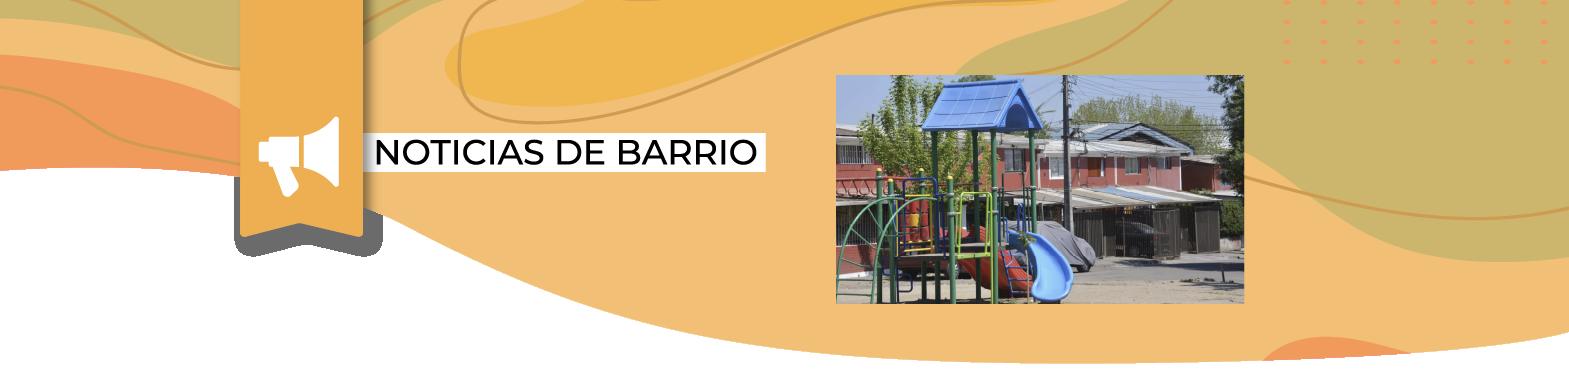 Bienvenidos a Barrio Digital